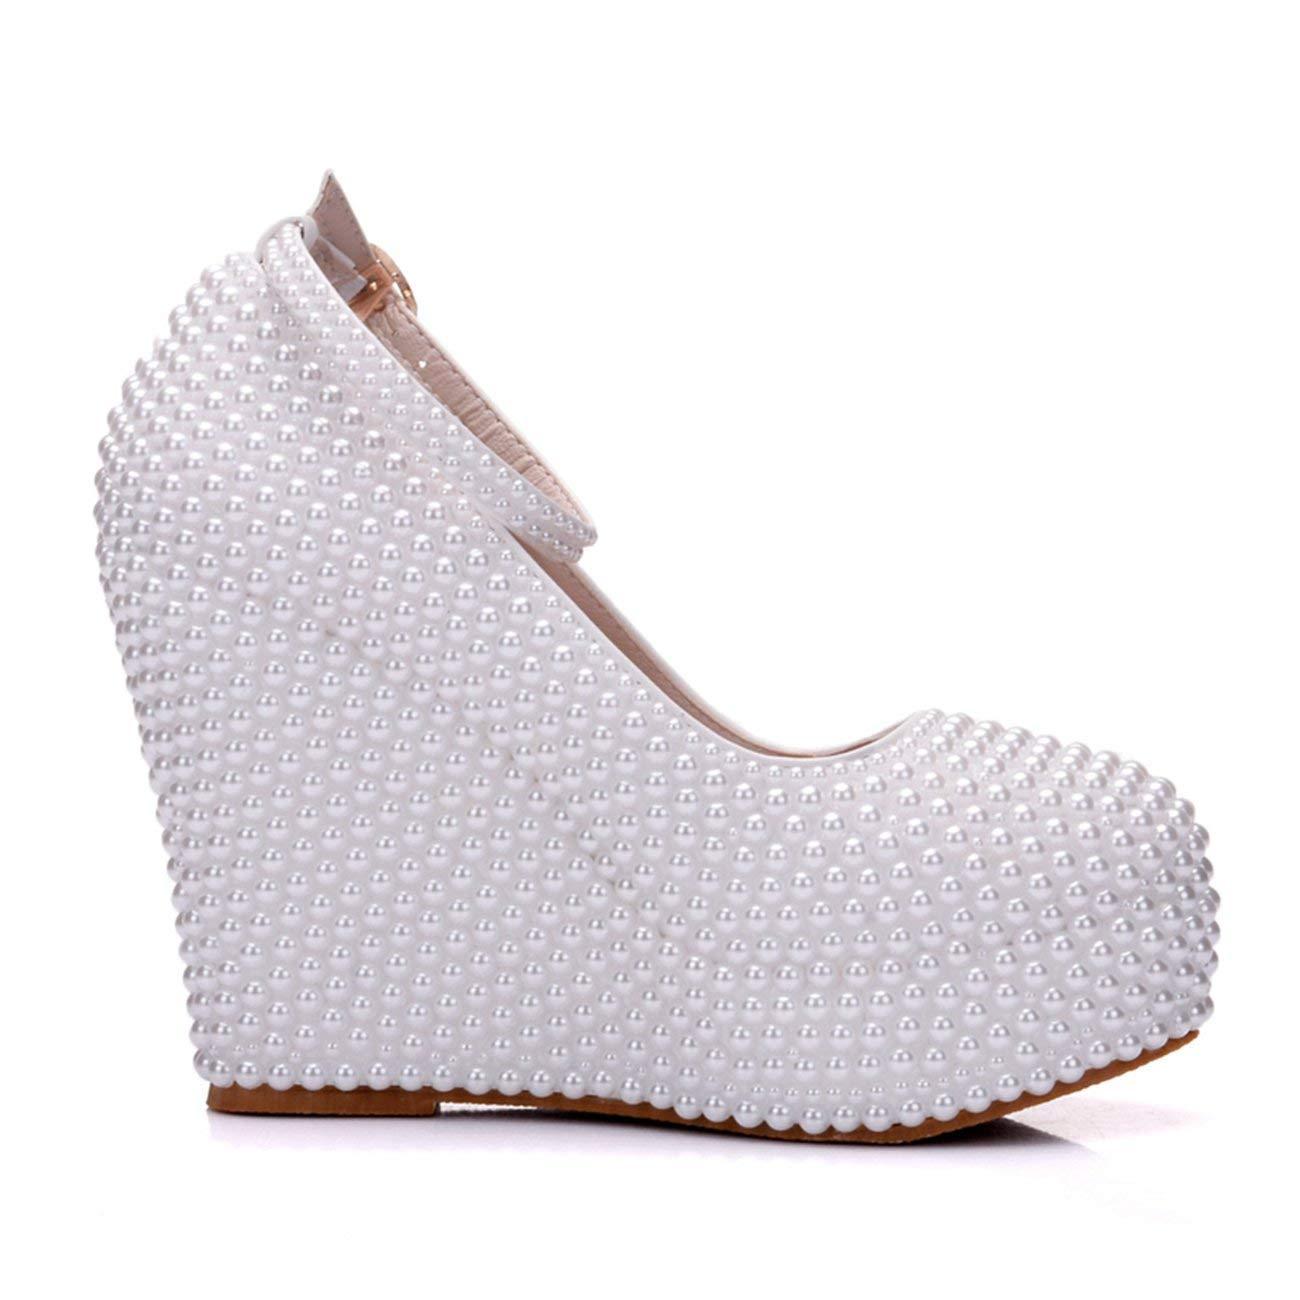 Qiusa Damen Versteckte Hohe Plattform Perle Perle Perle Perlen Wedge Weiß Wedding Abendschuhe UK 5.5 (Farbe   - Größe   -) dc7749